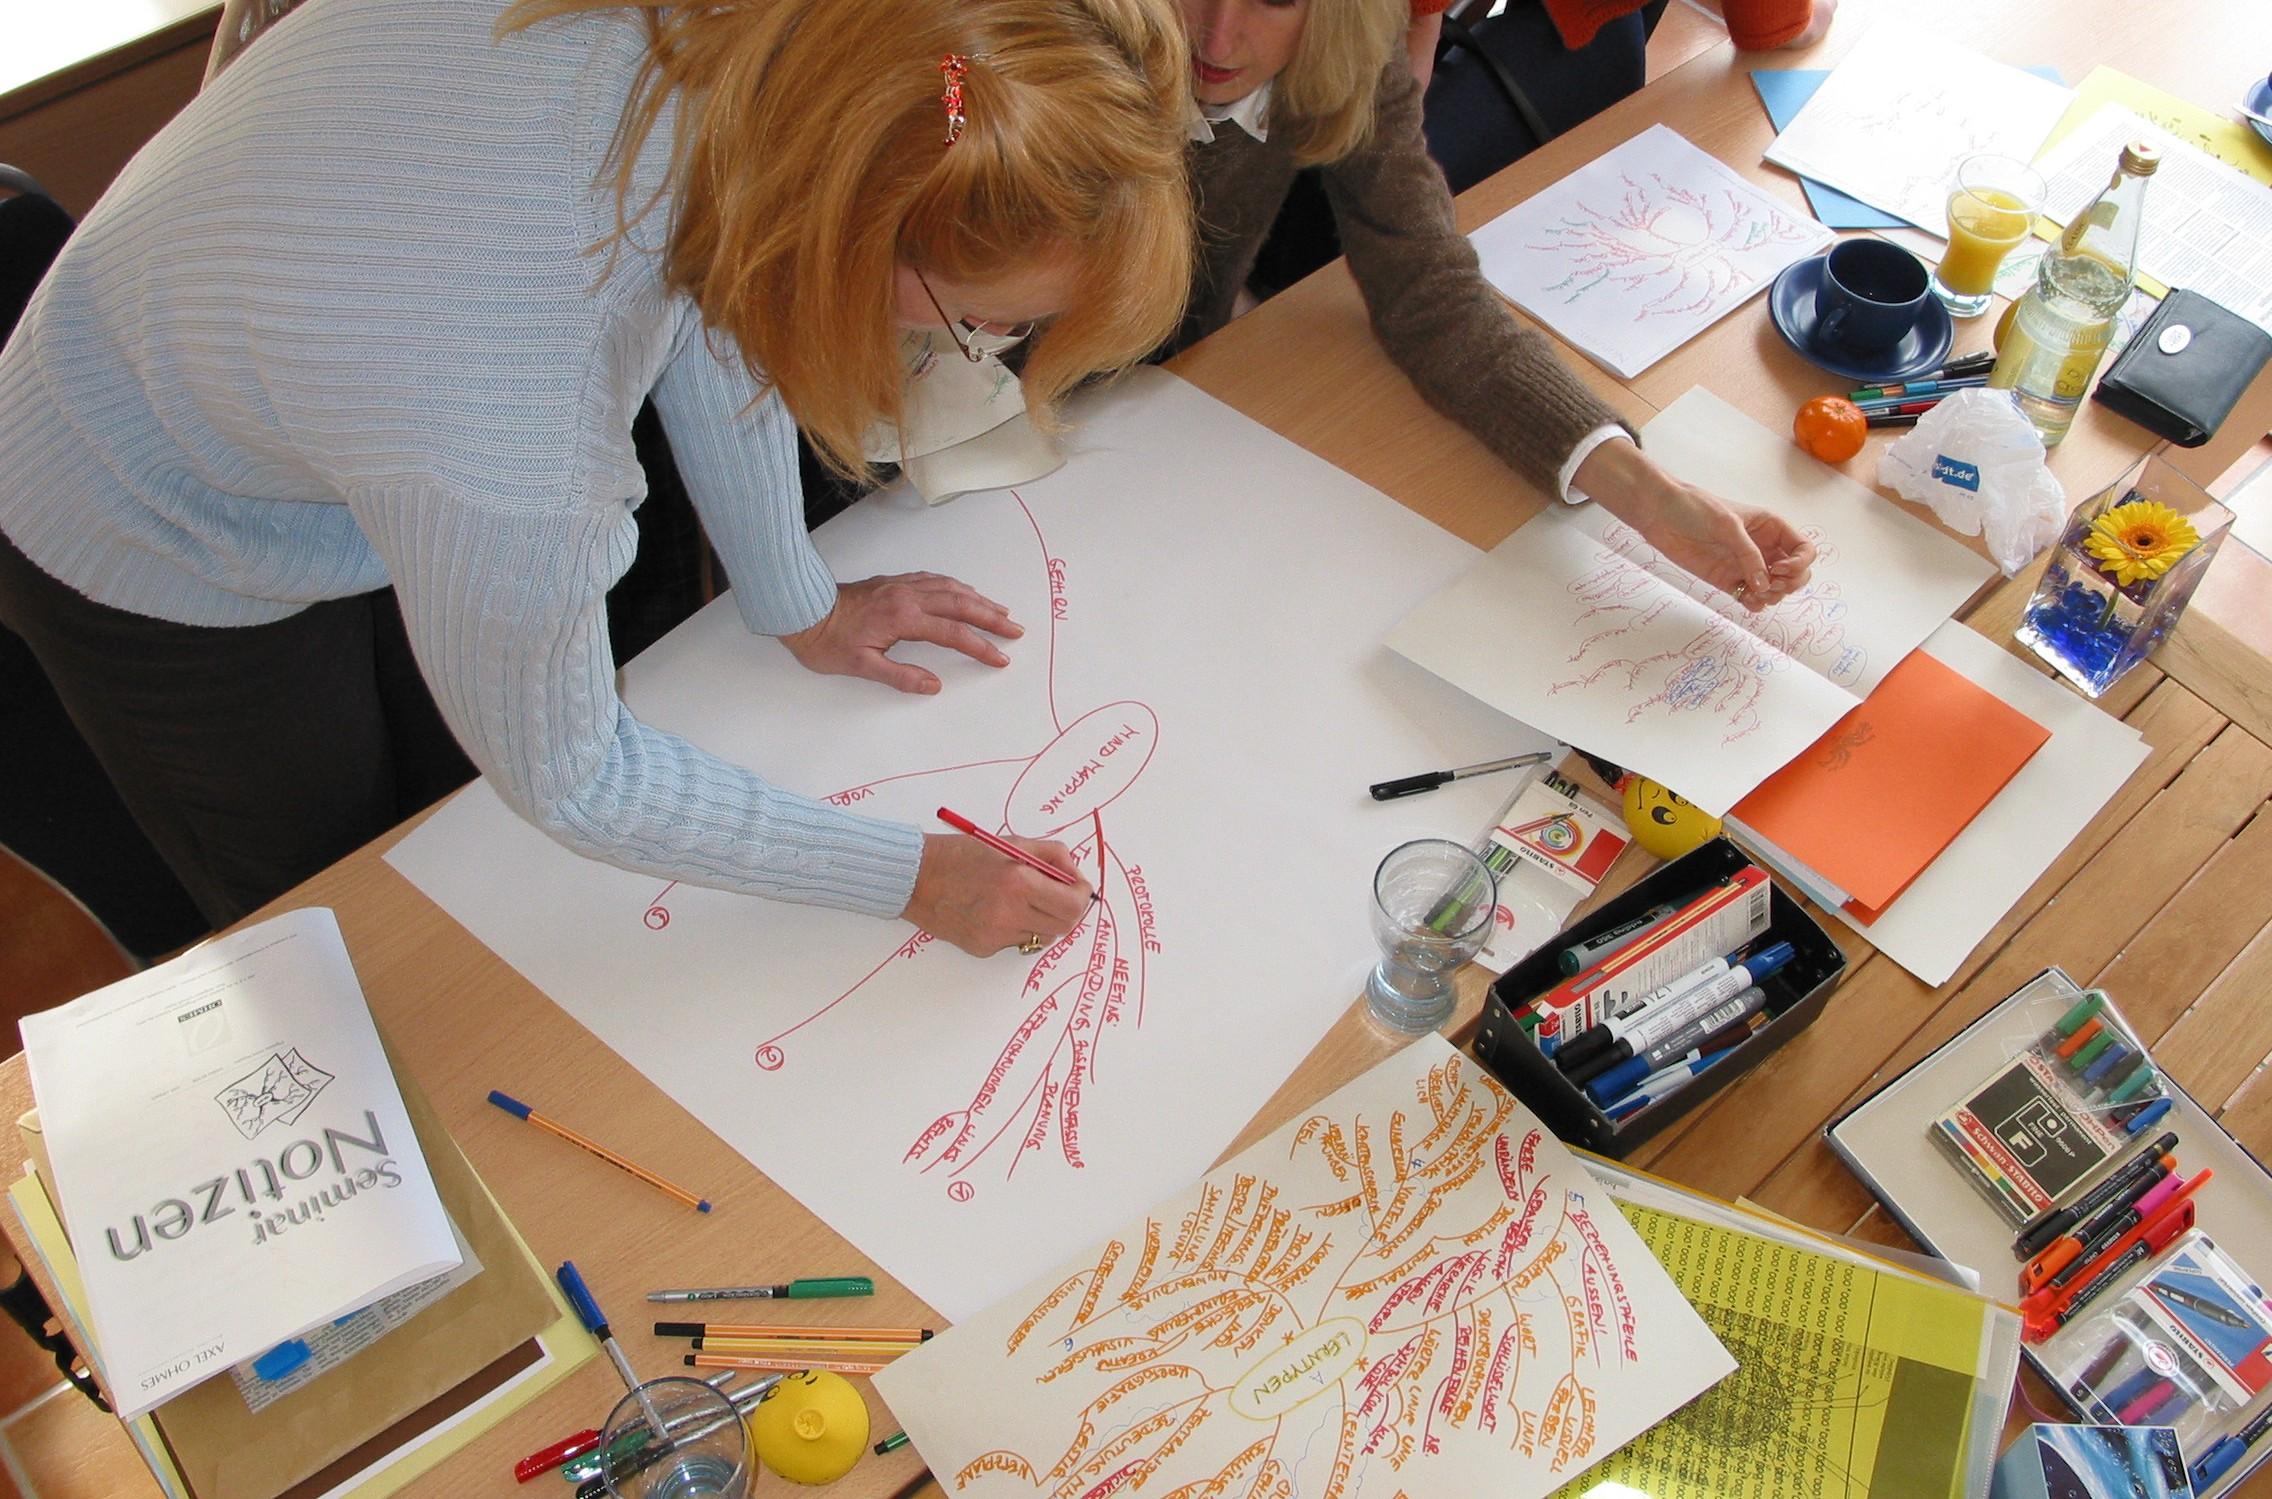 LandhausKreativ Axel Ohmes Schulungszentrum Digitales Mind Mappen Skizzieren  IT-Seminare Methodenseminare Bremen Oldenburg